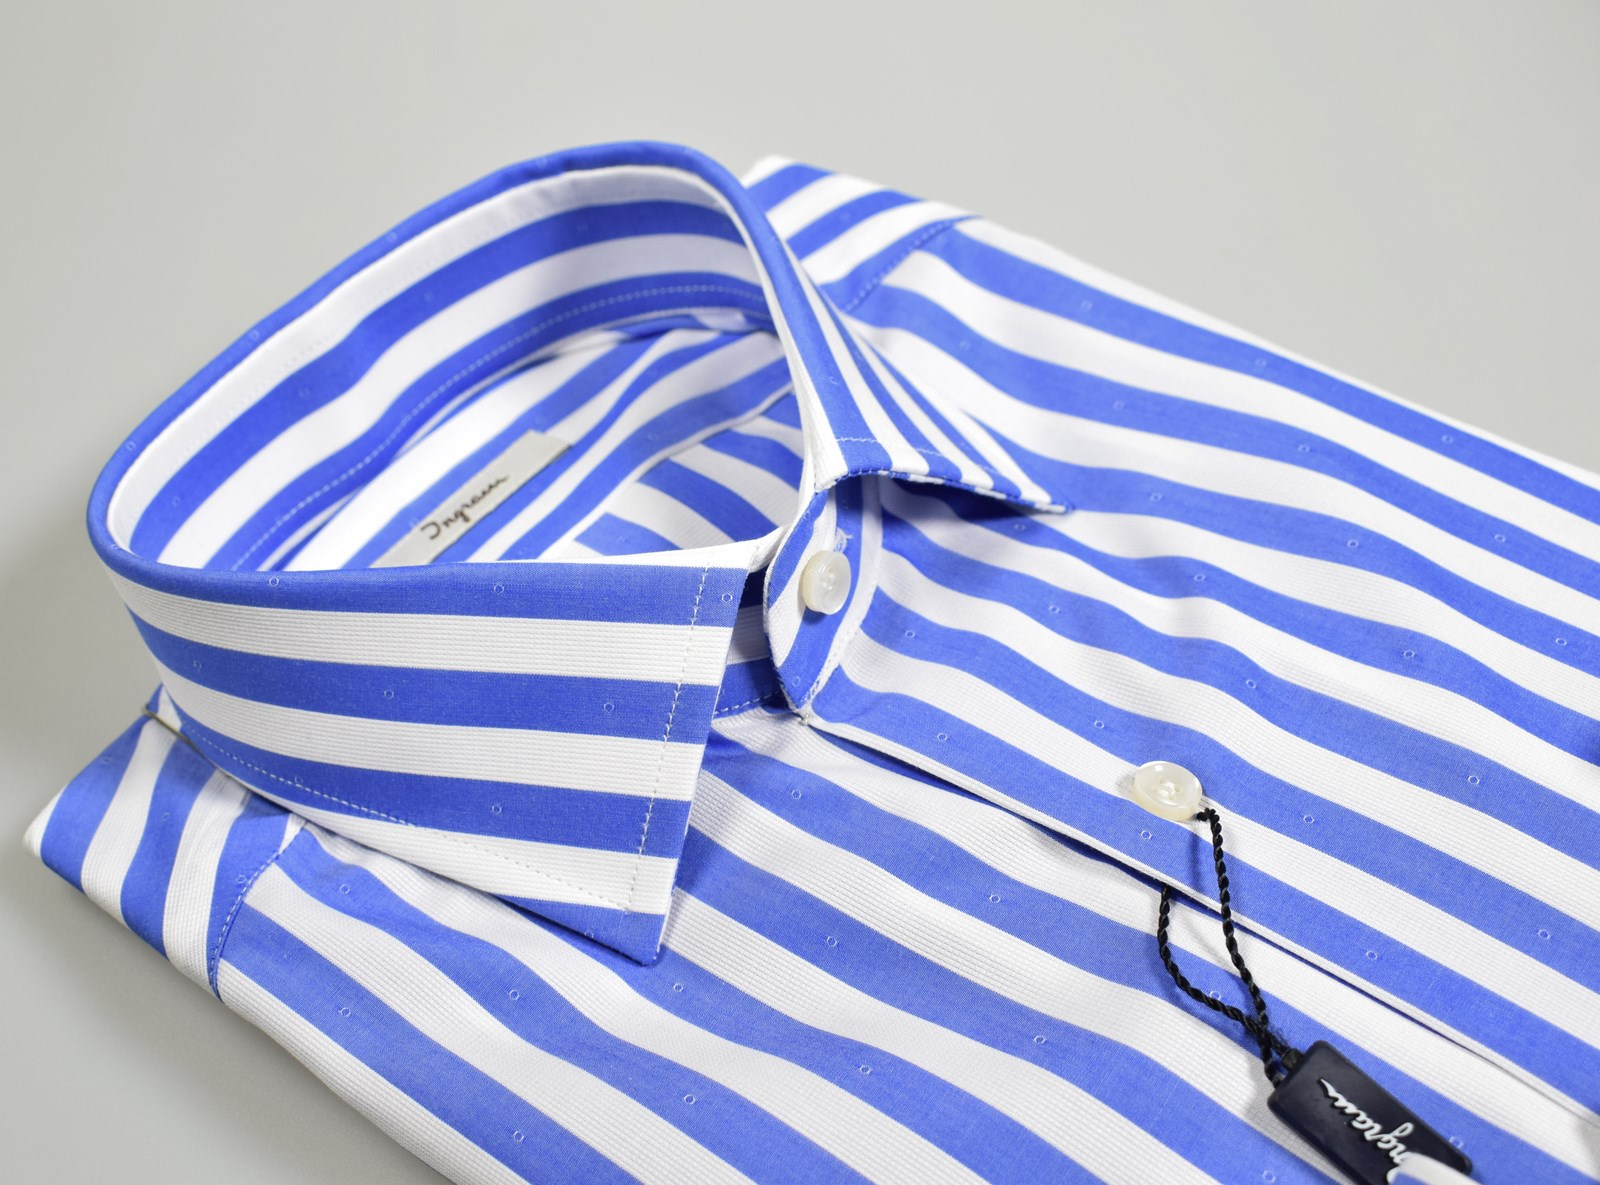 online store 12dc8 7a56d Dettagli su Camicia moda Ingram Slim Fit a righe Azzurro puro cotone collo  mezzo francese